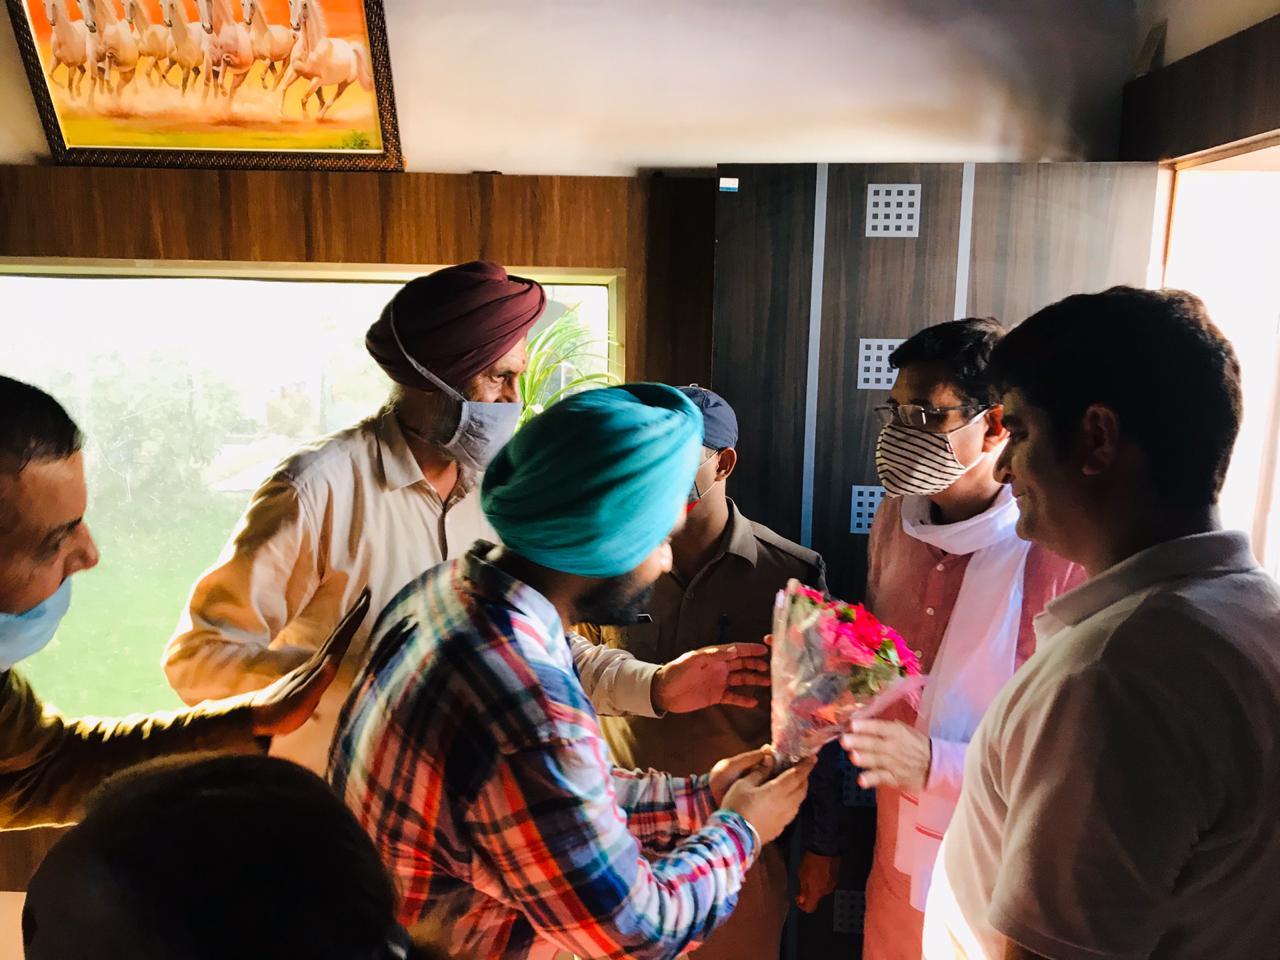 भाजपा का अंत तय, कांग्रेस लहराएगी परचम : प्रीतम